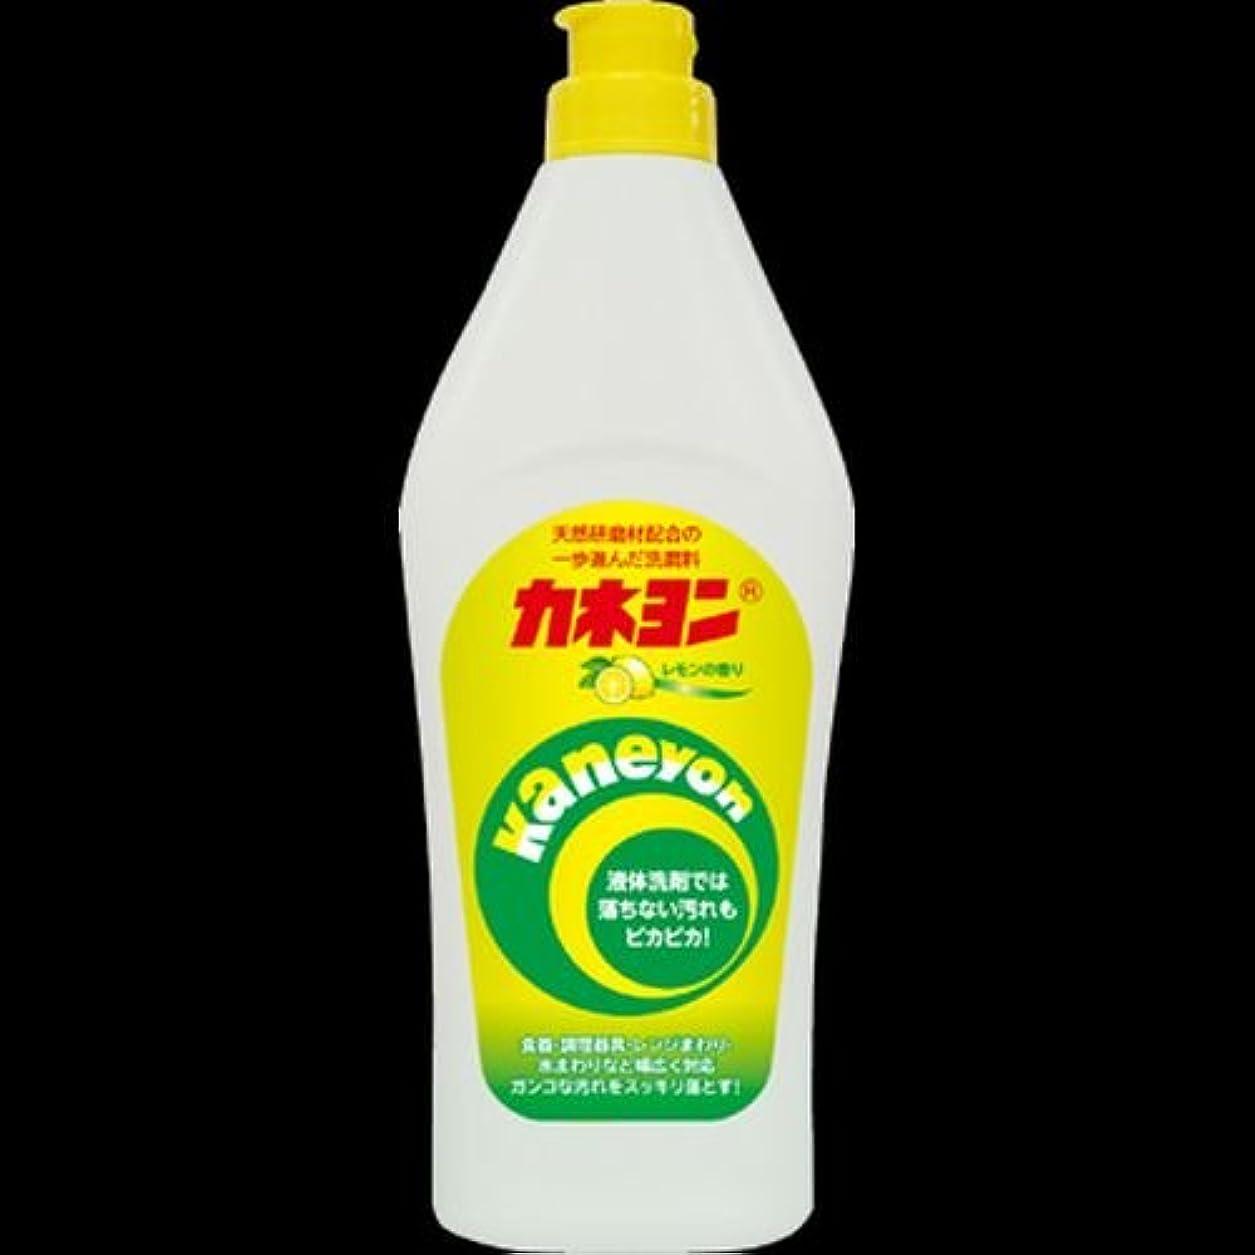 奇跡的な肩をすくめるウミウシ【まとめ買い】カネヨ石鹸 カネヨンレモン 550g ×2セット